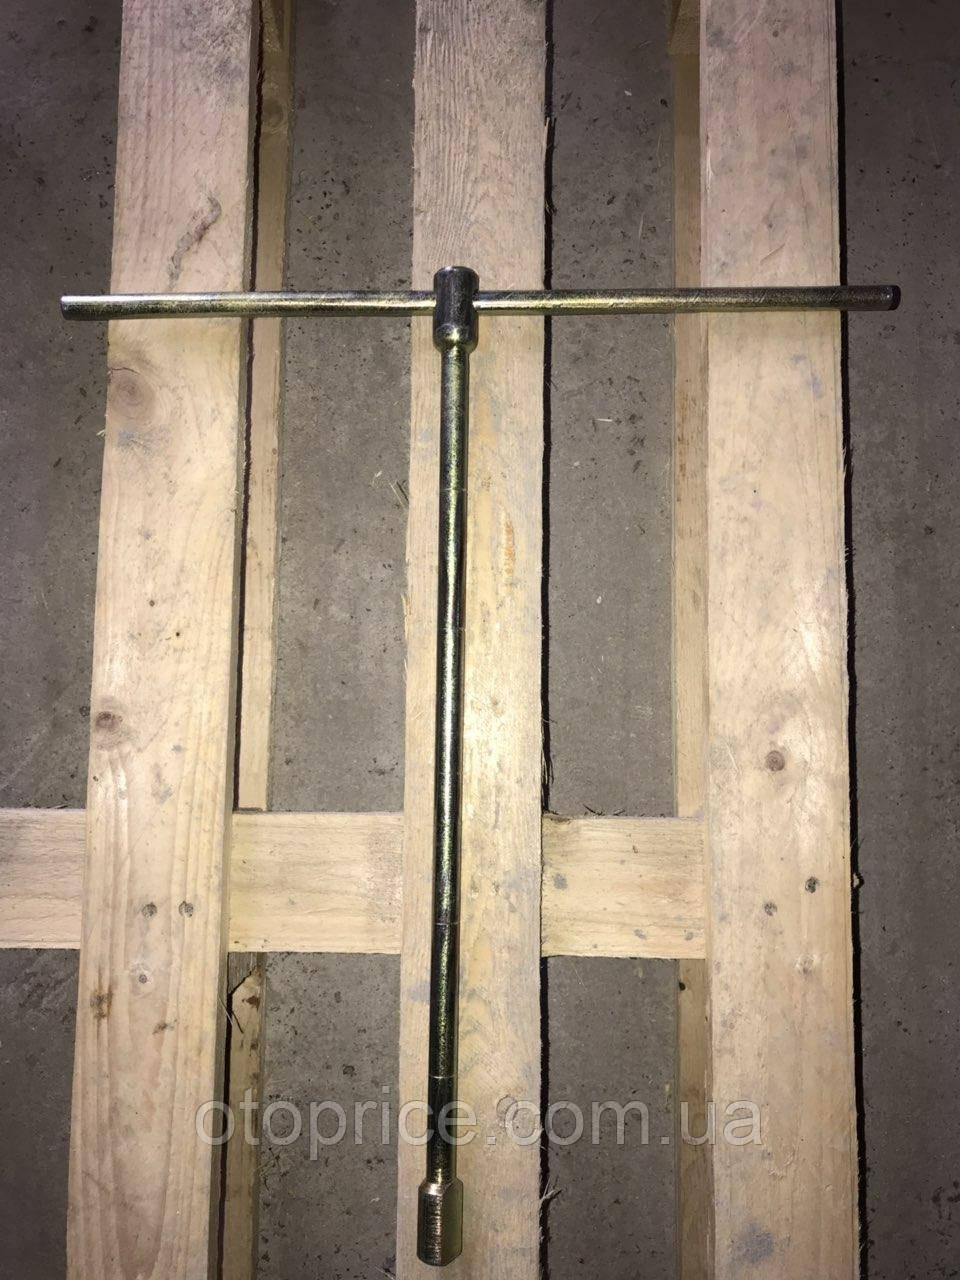 Ключ радиаторный для скрутки секционных радиаторов